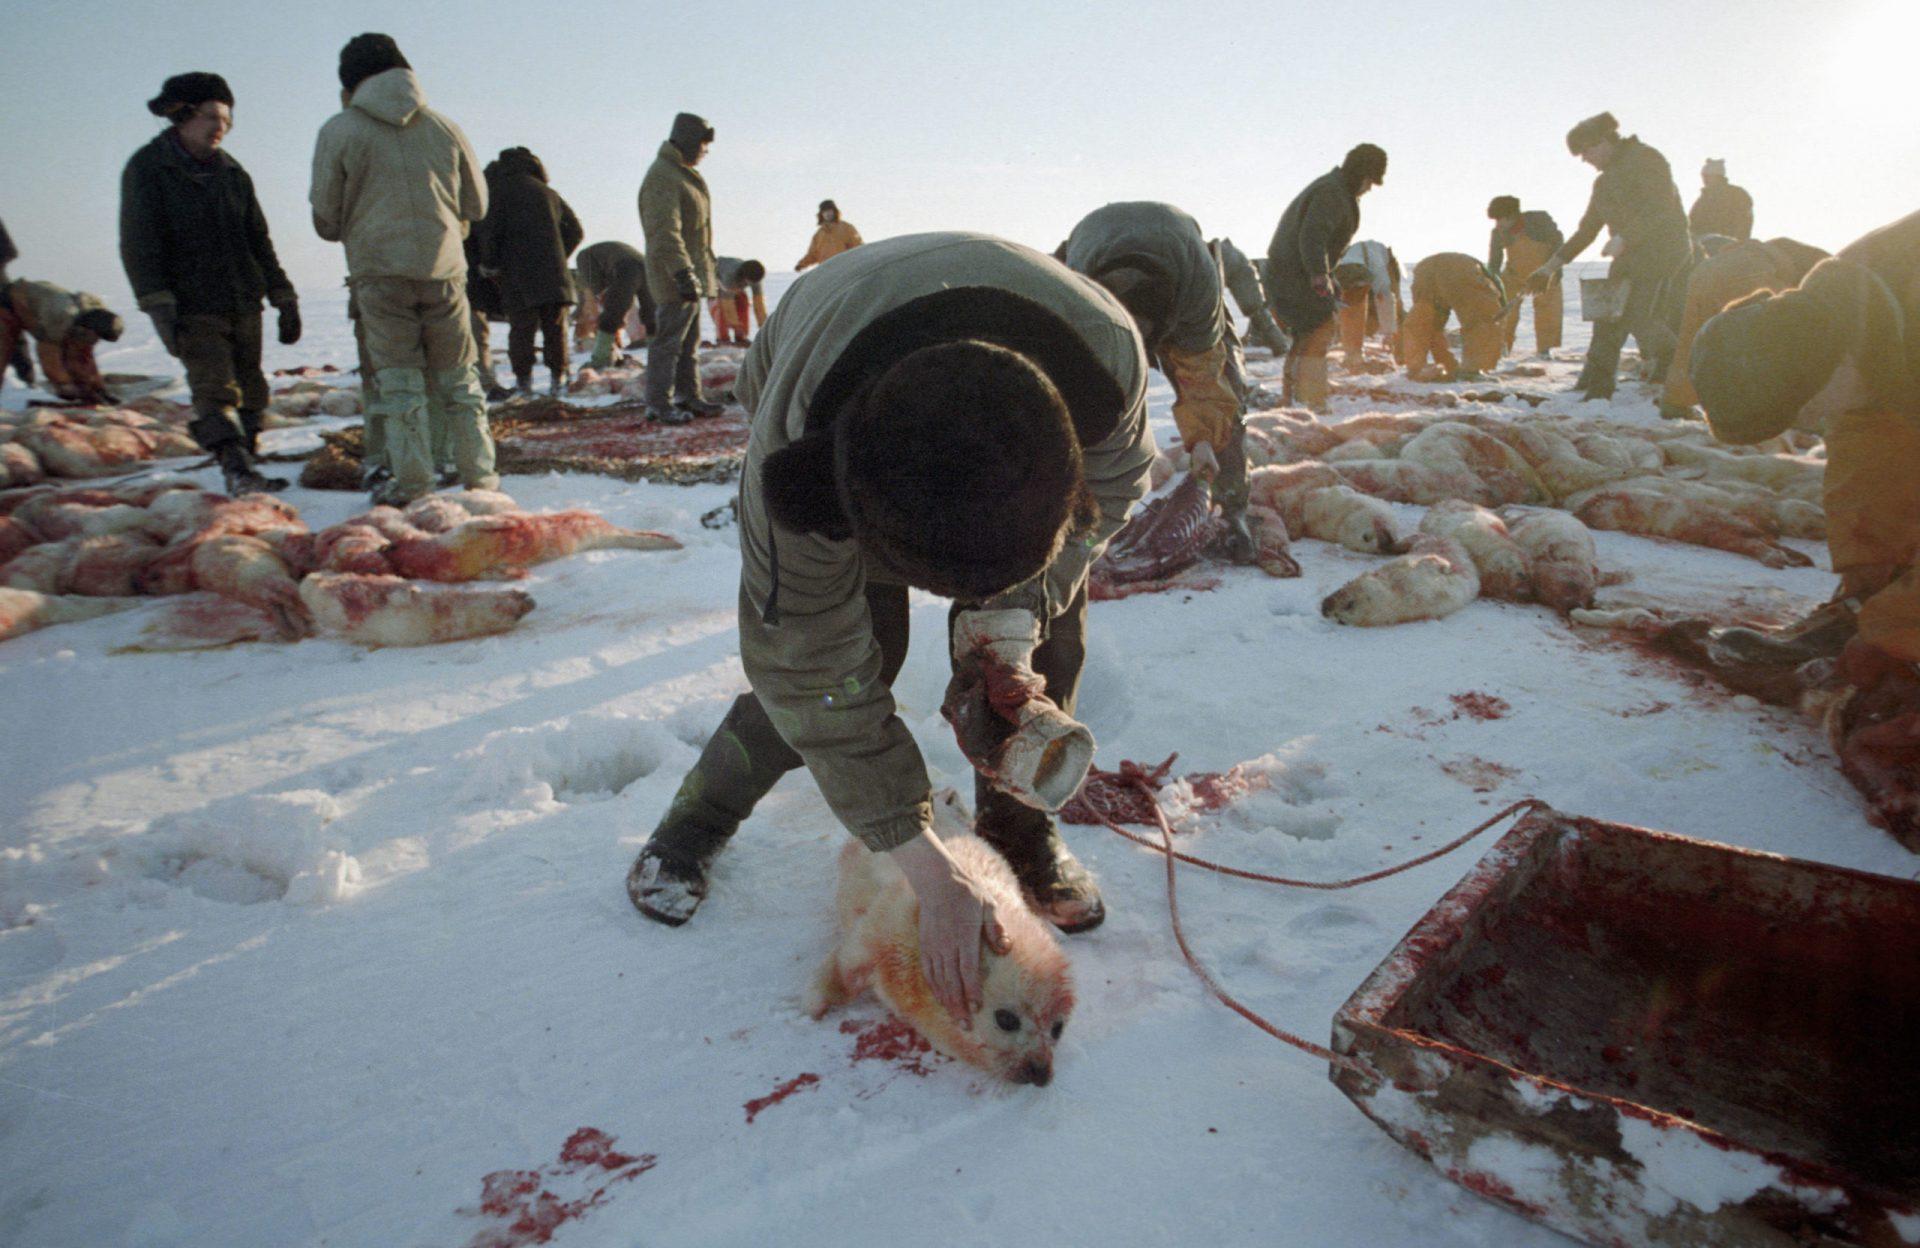 Этическая неприемлемость убийства животных в связи с изменениями в современном обществе.